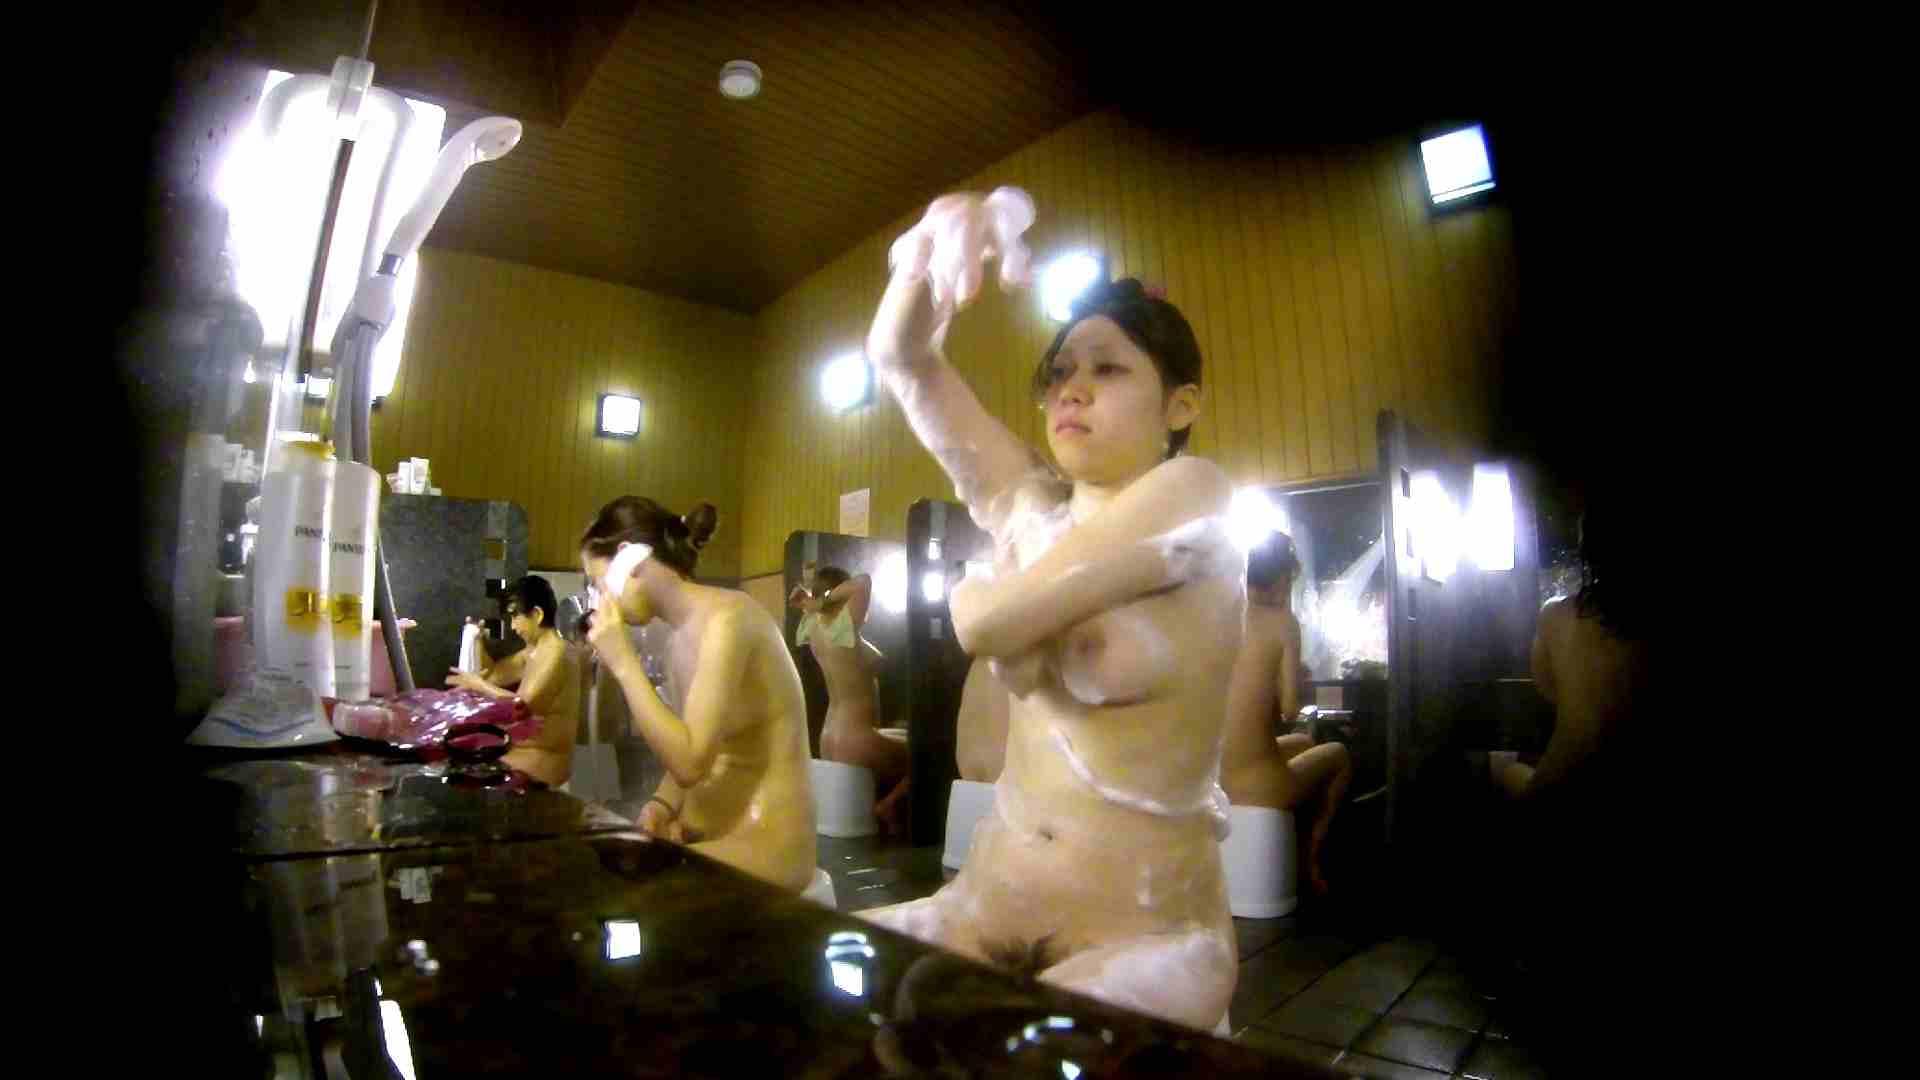 洗い場!柔らかそうな身体は良いけど、歯磨きが下品です。 お姉さん攻略 AV動画キャプチャ 107画像 79